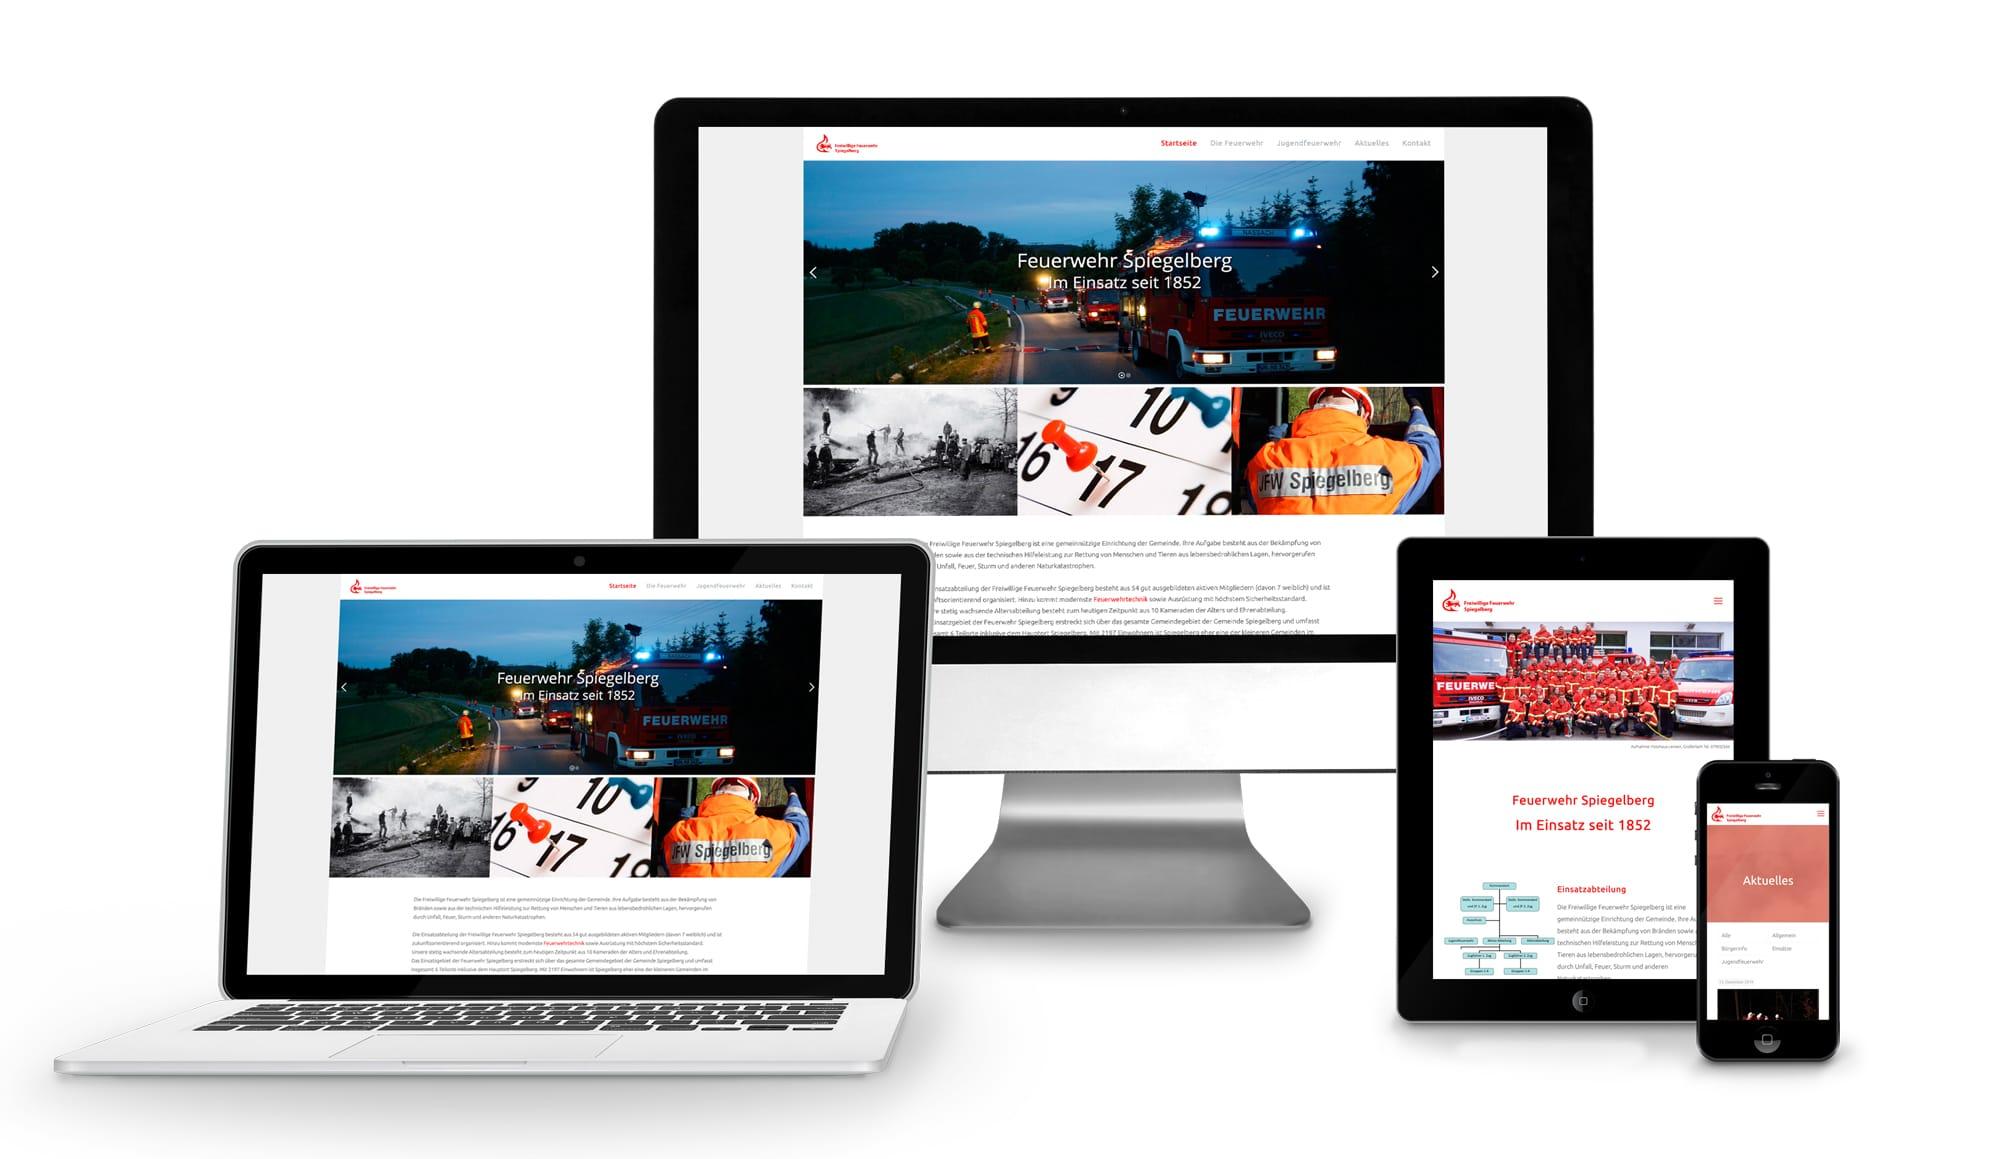 Feuerwehr-Spiegelberg-Web-Praesentation